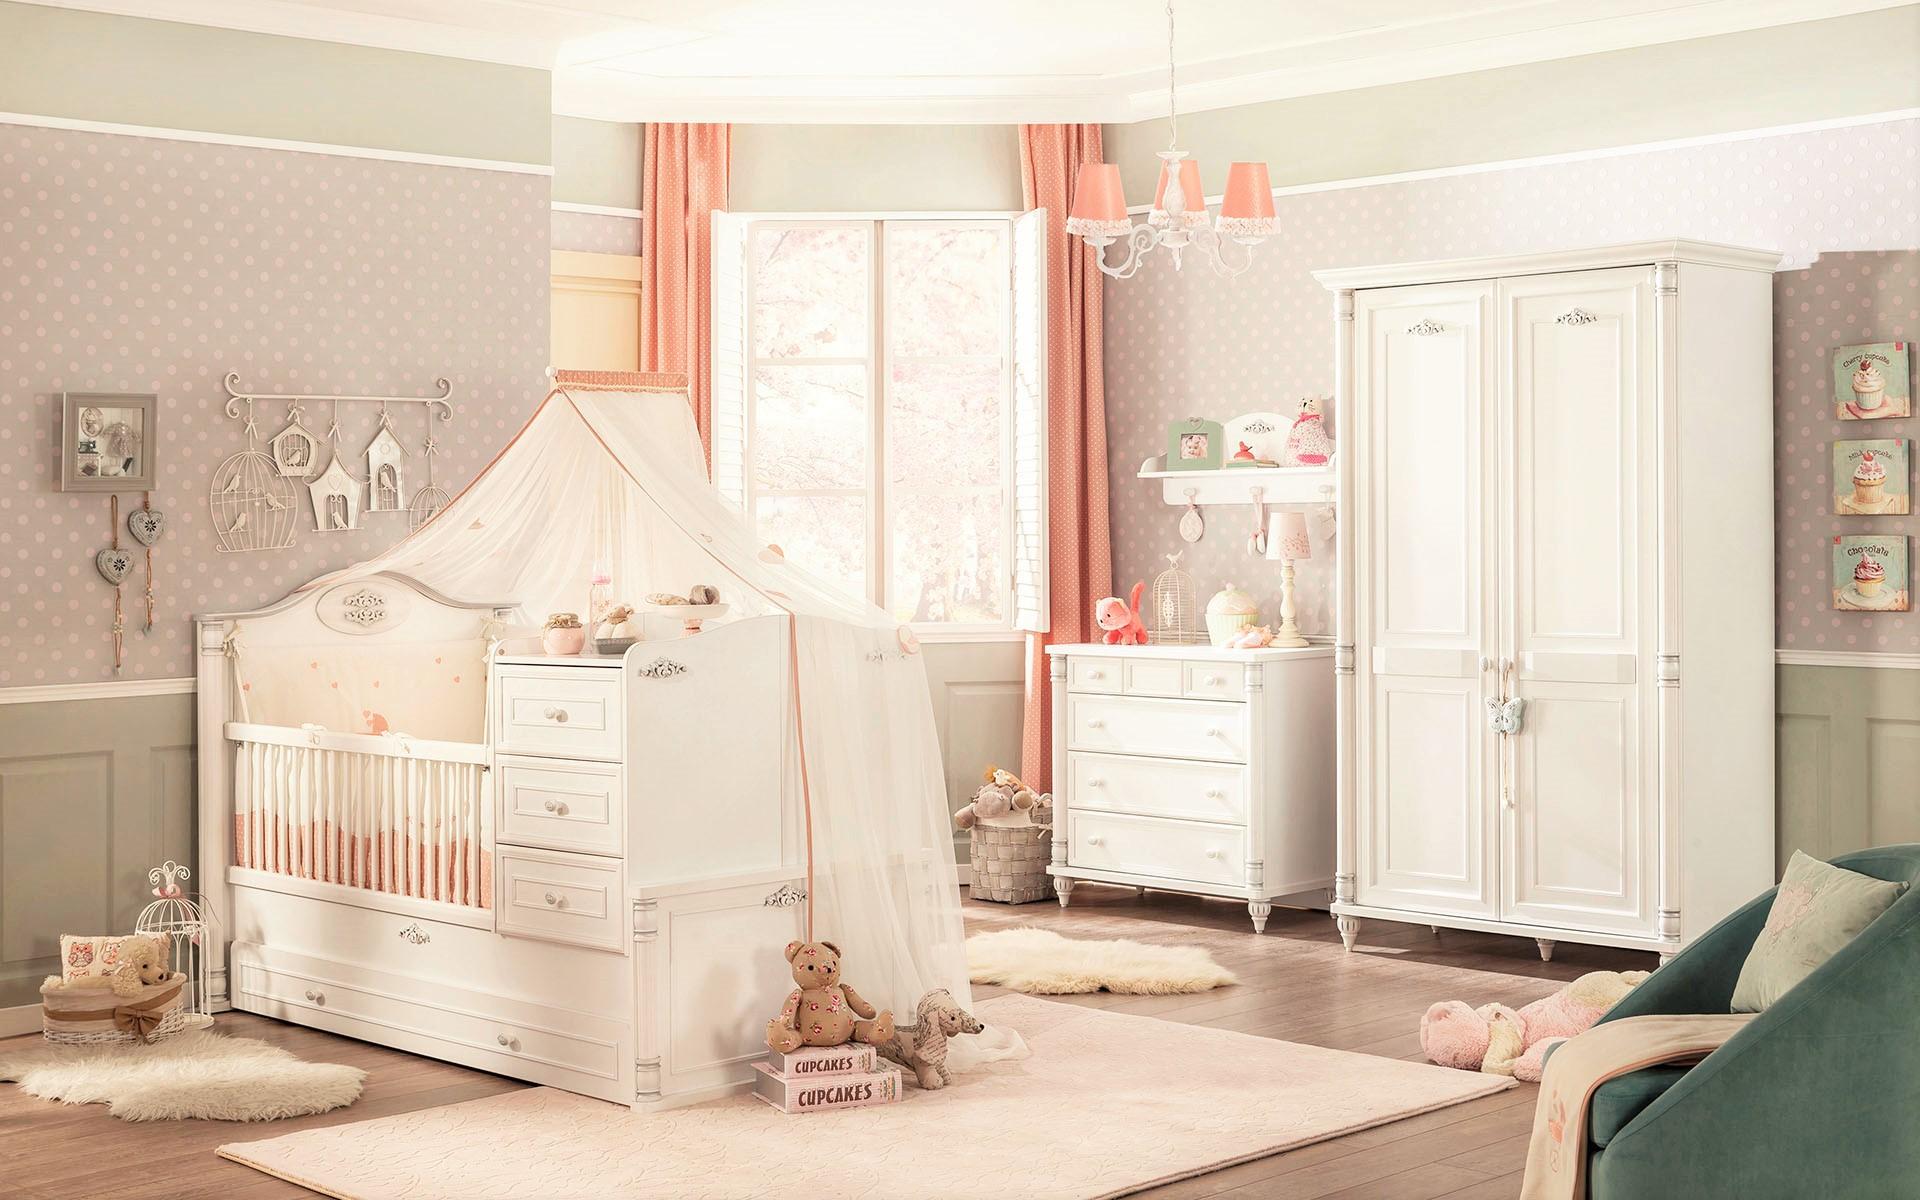 Kinderkamer ontwerp kleuter - Decoratie slaapkamer meisje ...